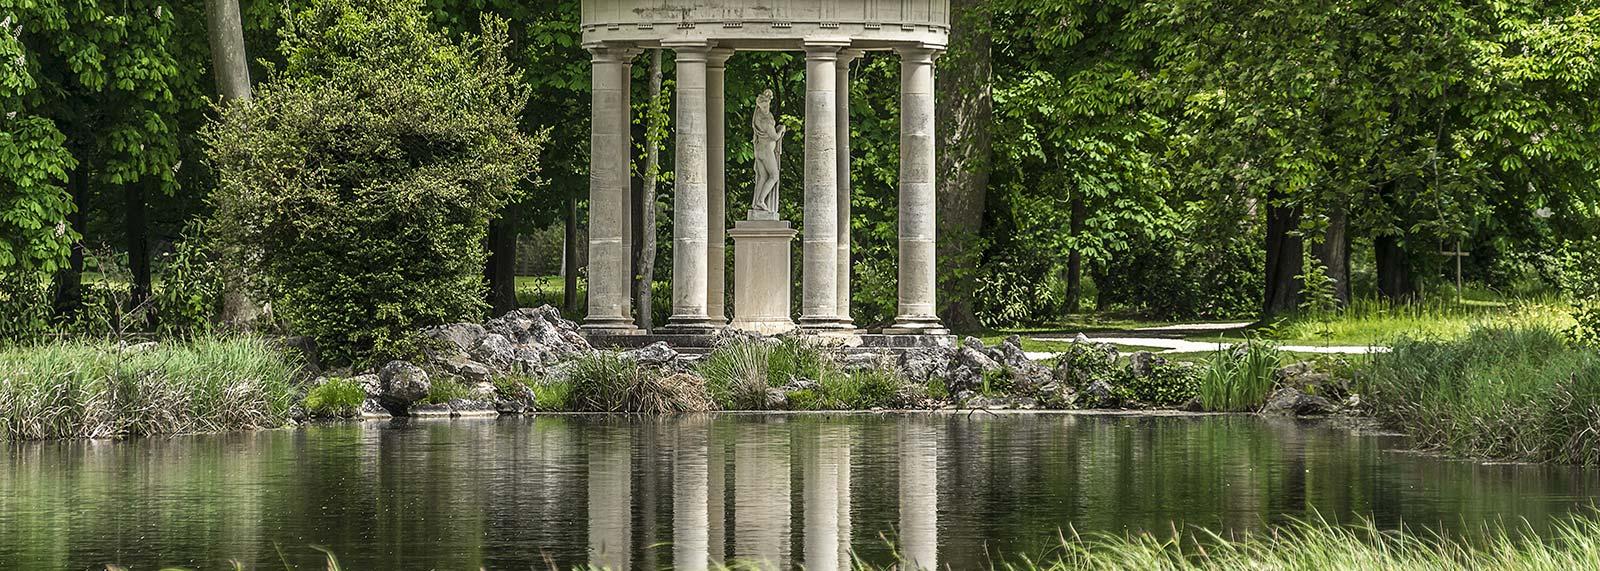 Manutenzione e realizzazione giardini storici dellavalle for Aiuole profumate